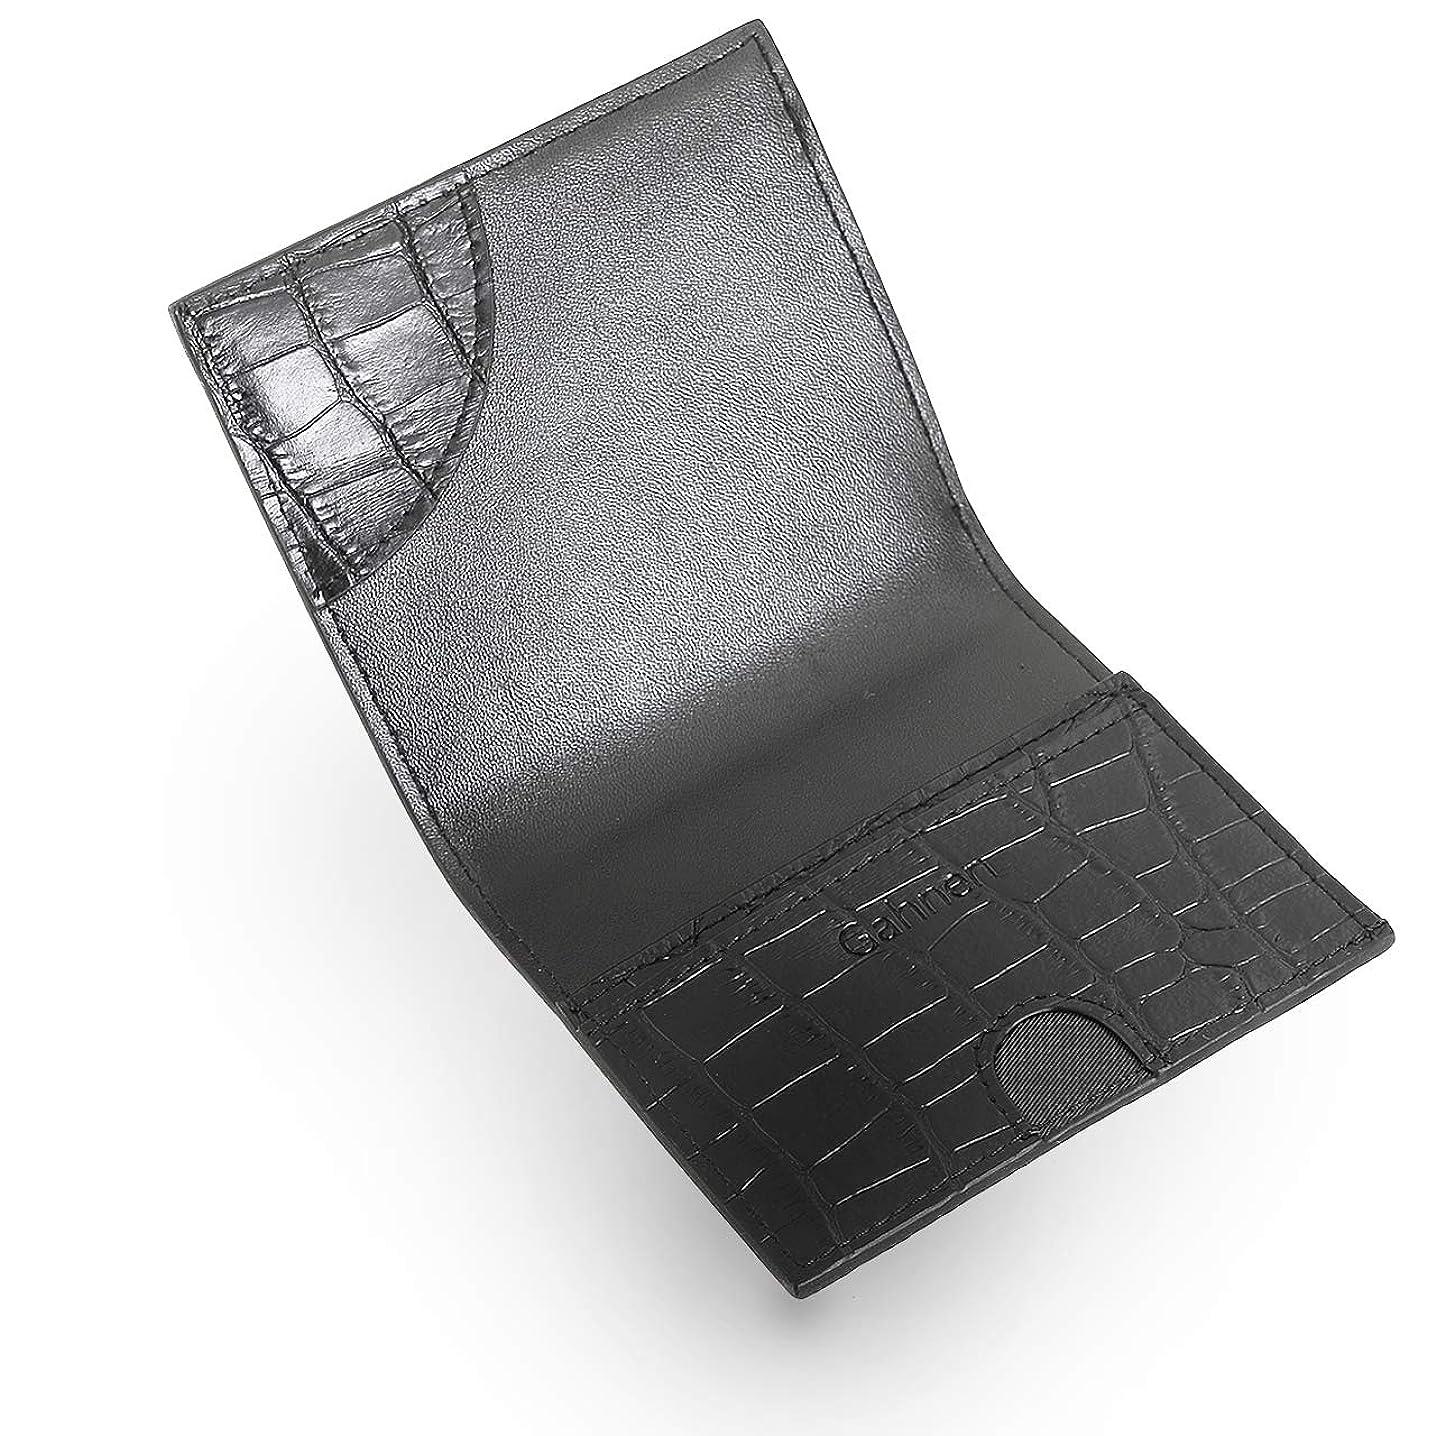 いじめっ子限られた防腐剤[ゲーネン] 薄い 小さい 使いやすい 二つ折り 財布 メンズ 本革